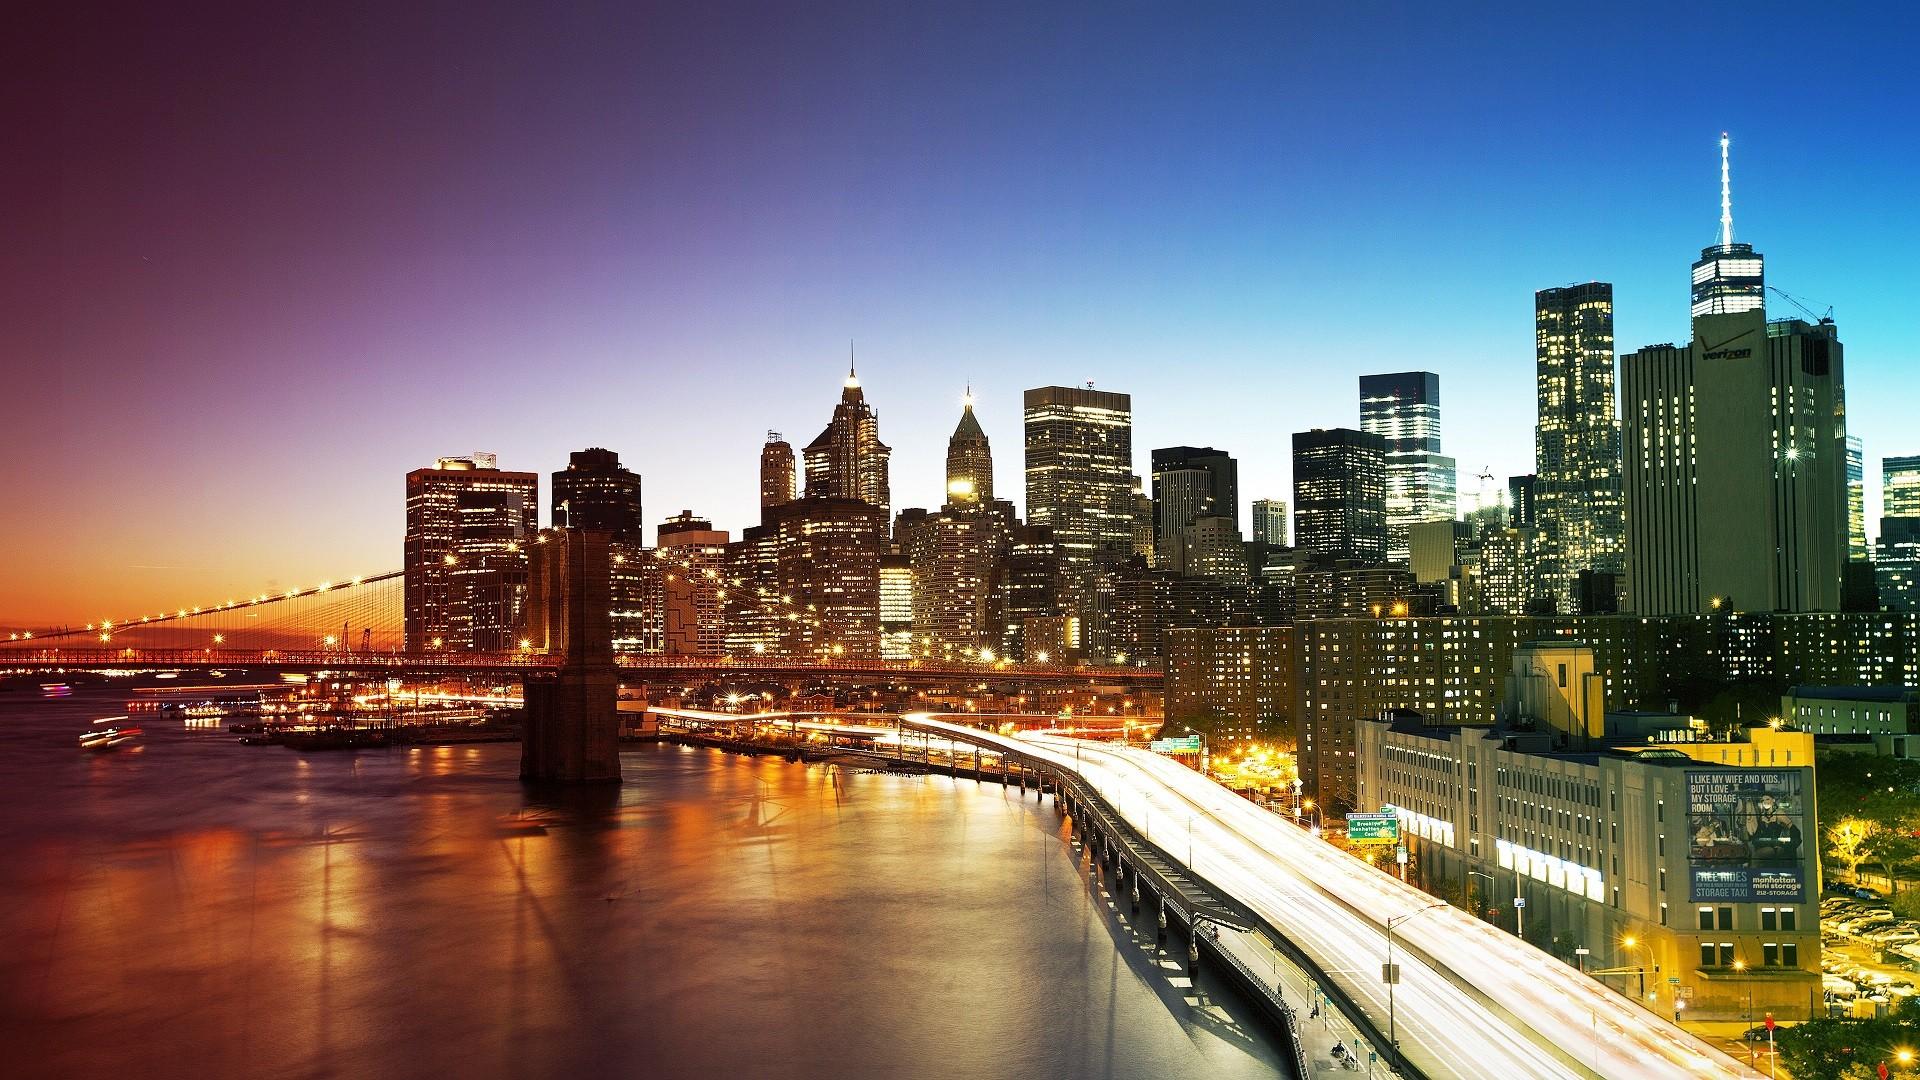 High Resolution New York City 1600x900 Download Hd Wallpaper Wallpapertip